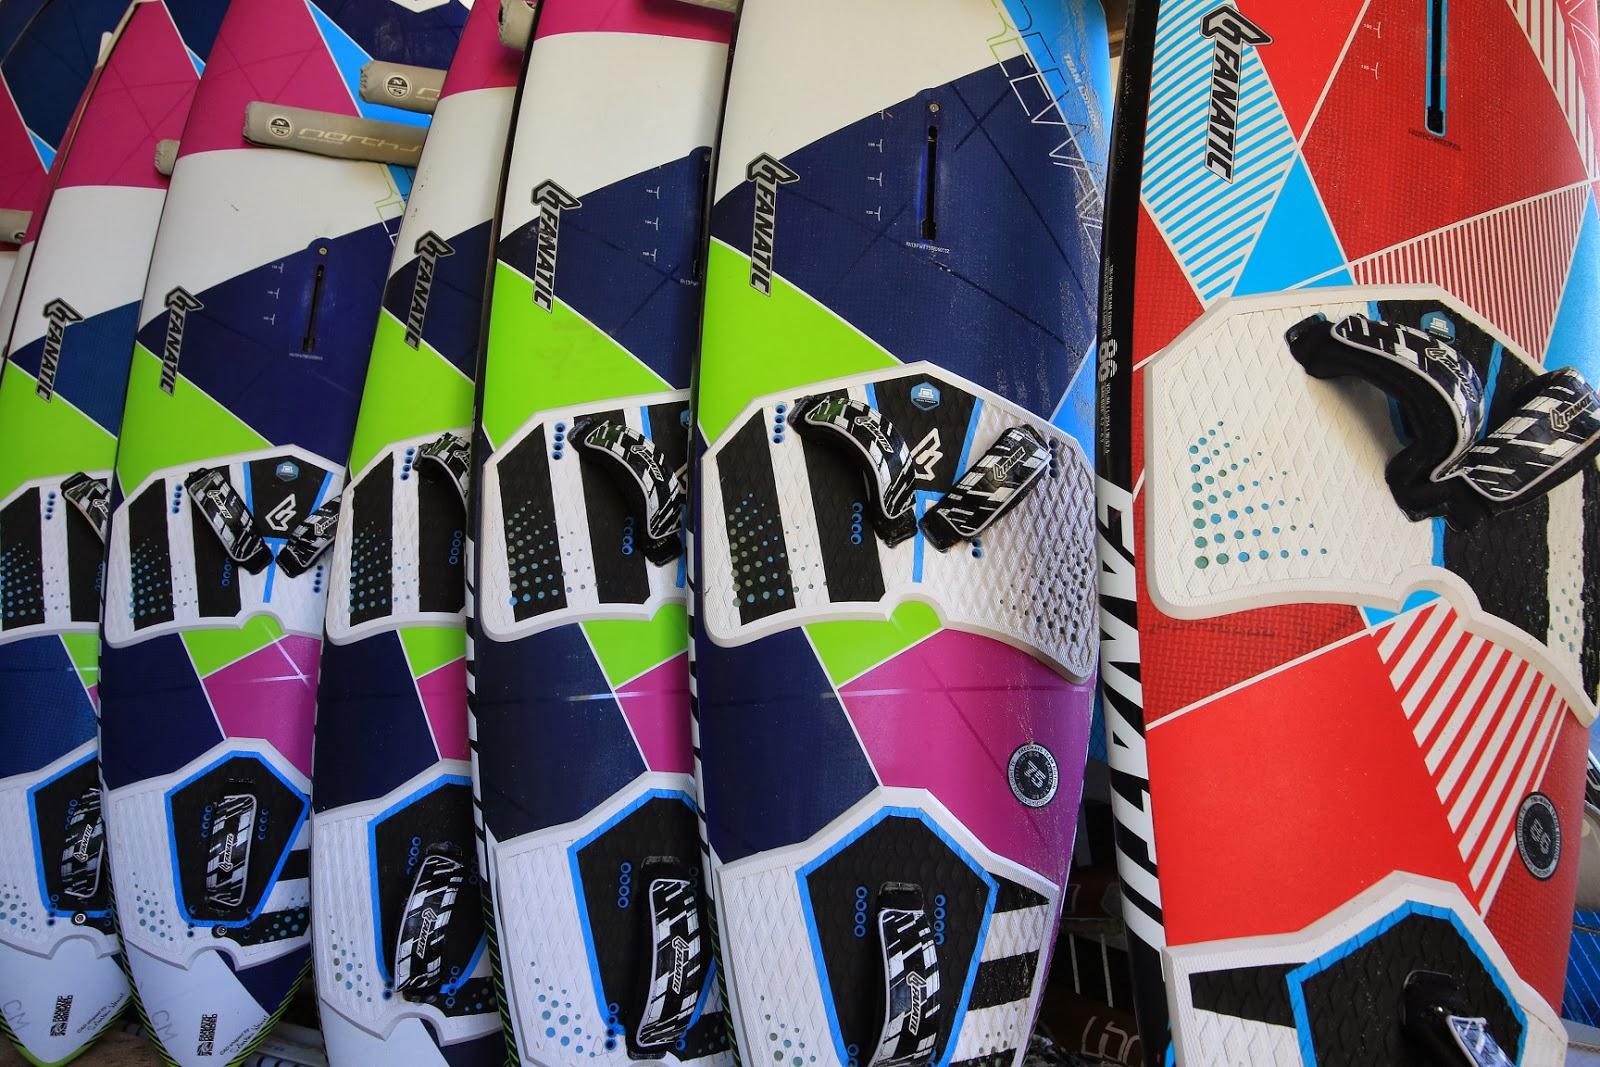 QUE VER Y QUE HACER EN TARIFA aparte de windsurf y kitesurf